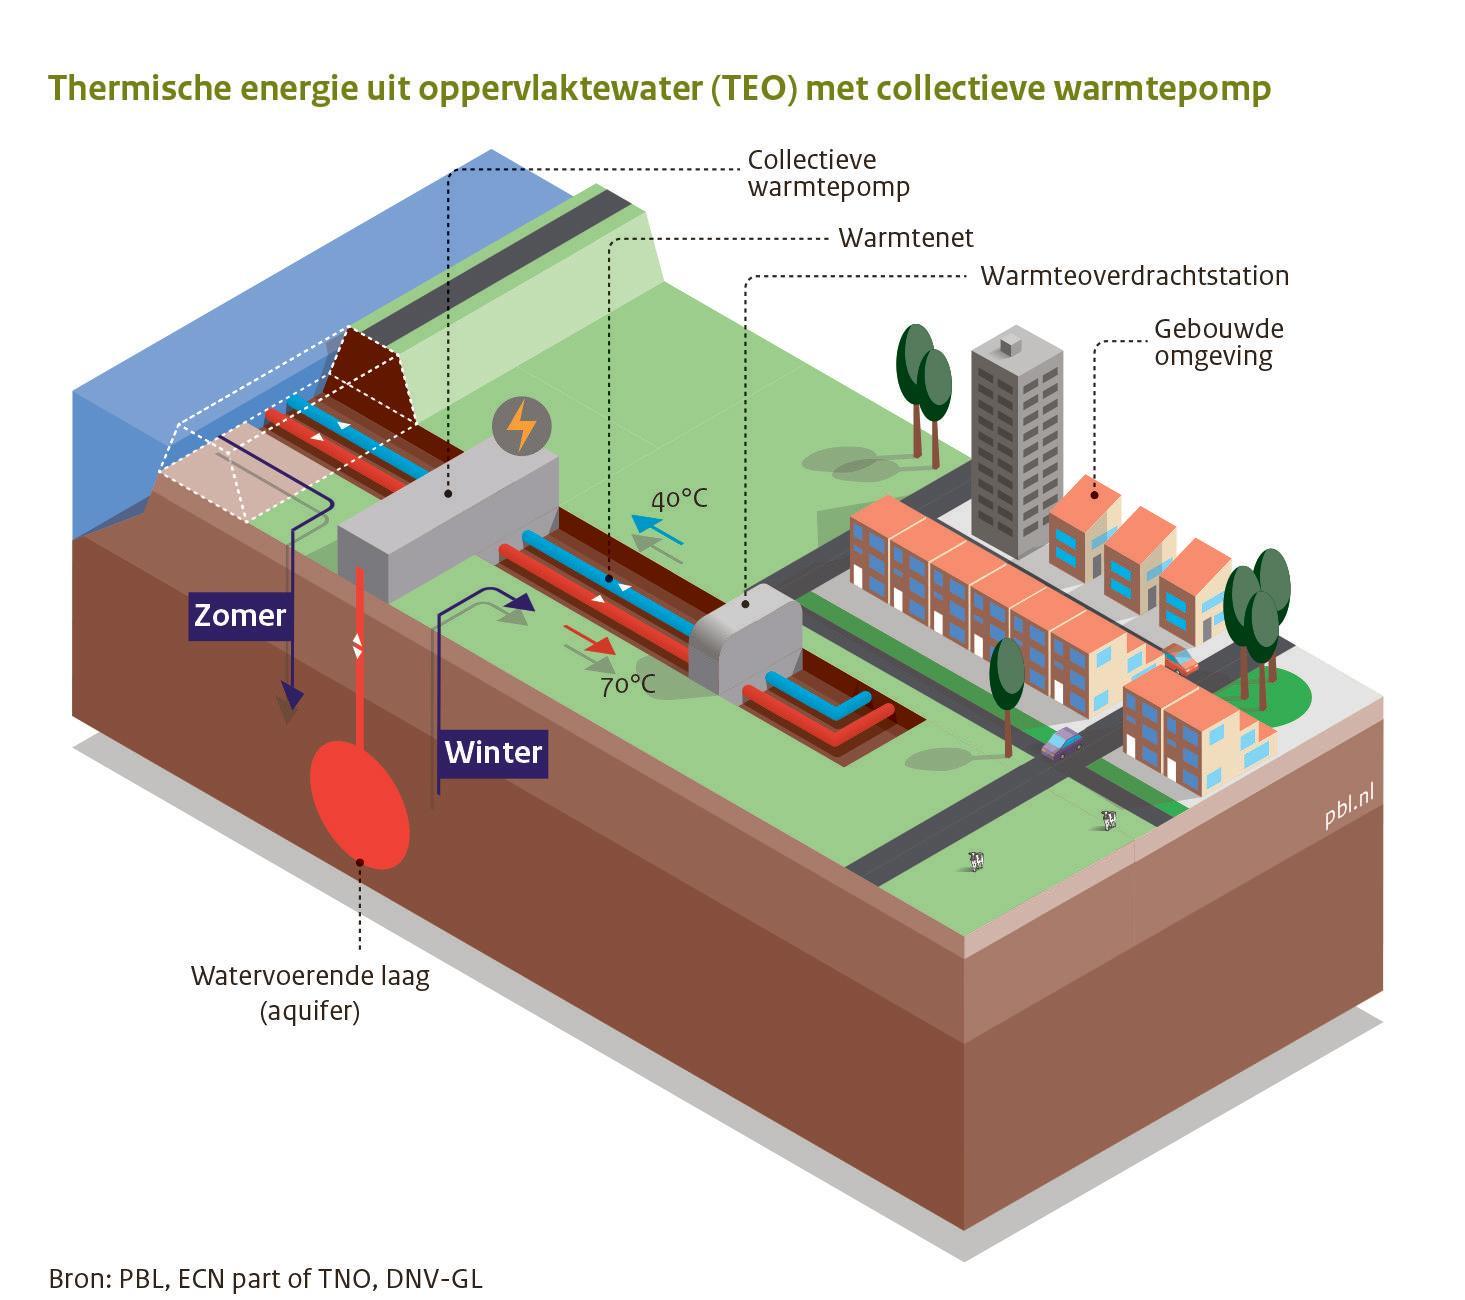 Warmtetransitie in wijk Uitgeest 'uniek project'; duidelijk is ook dat veel niet duidelijk is